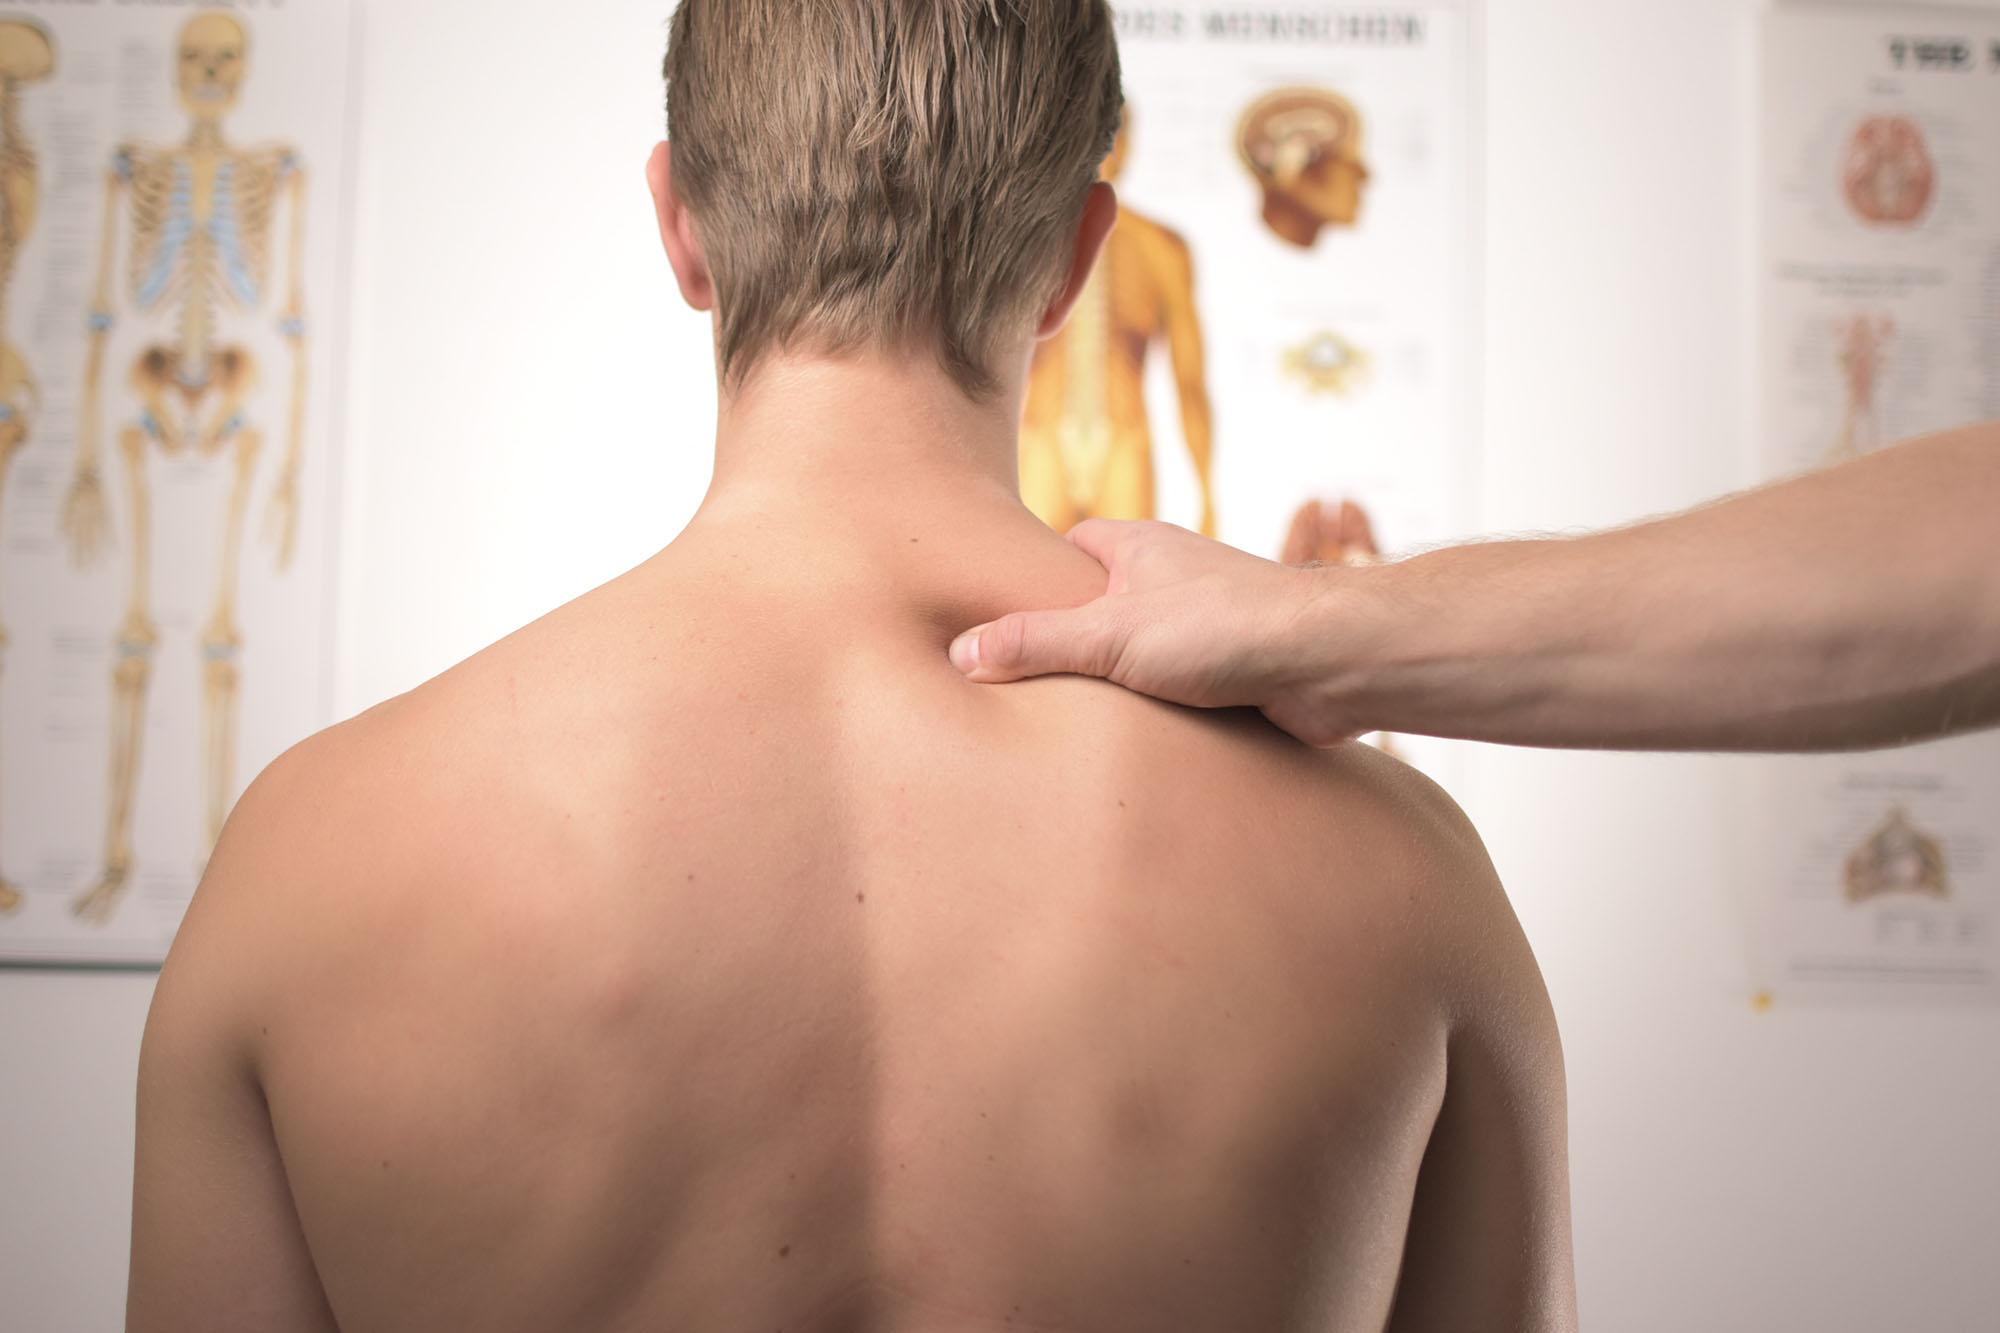 uomo di spalle, che ha subito un colpo di frusta, la mano dell'osteopata è appoggiata sul suo collo